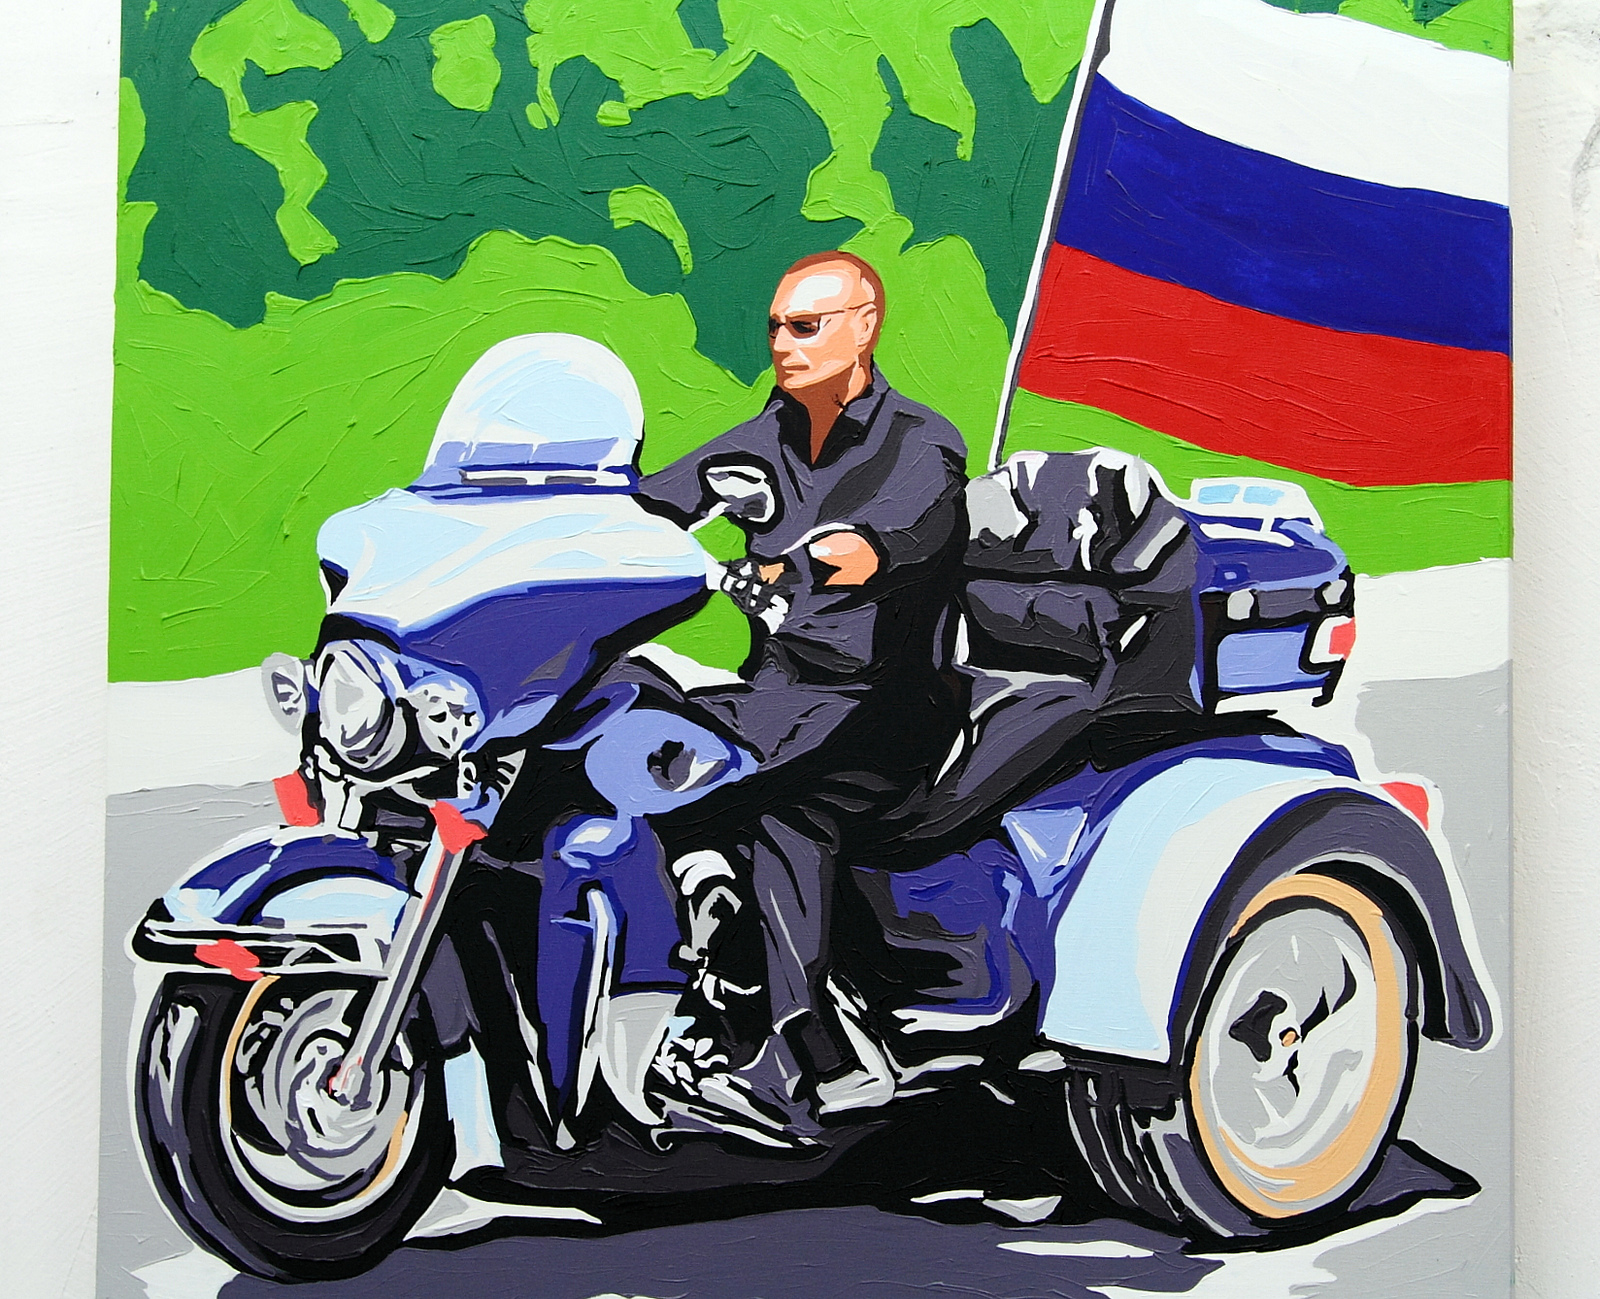 Ρωσία και άκρα Αριστερά στην Ευρώπη